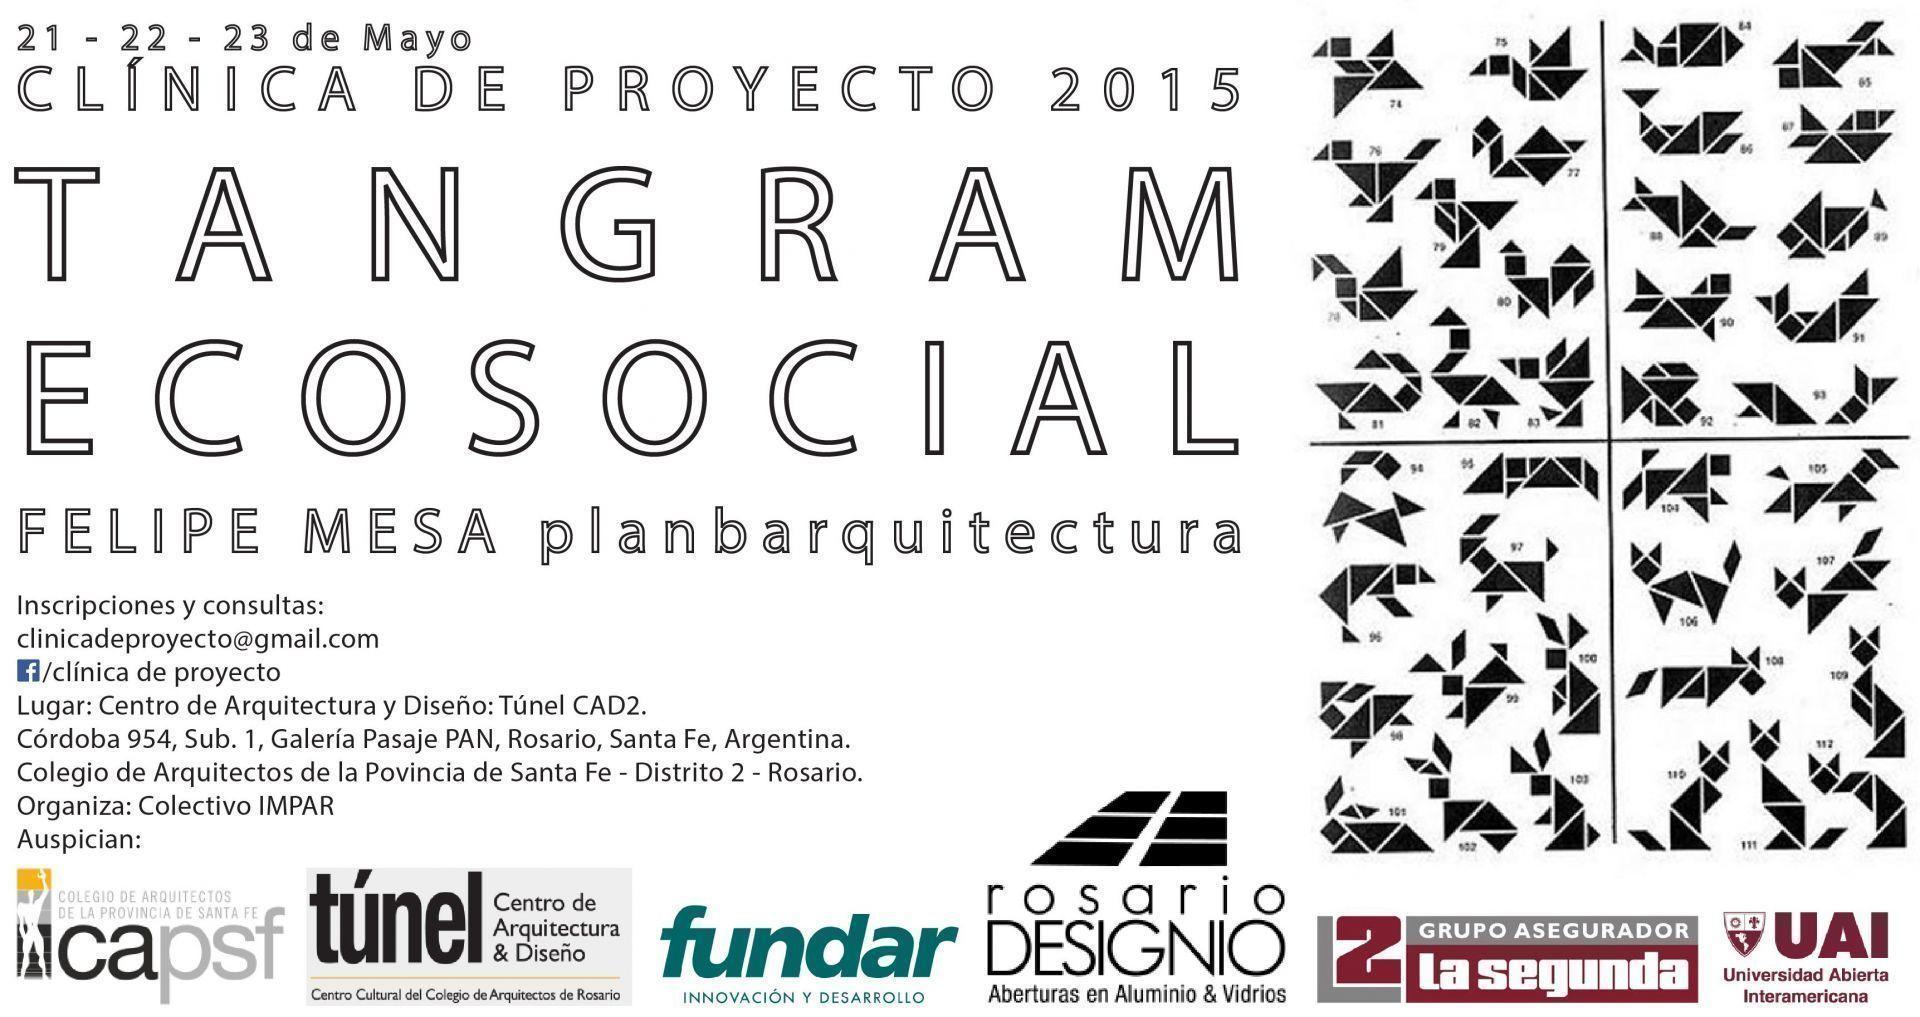 Clínica de Proyecto Tangram Ecosocial